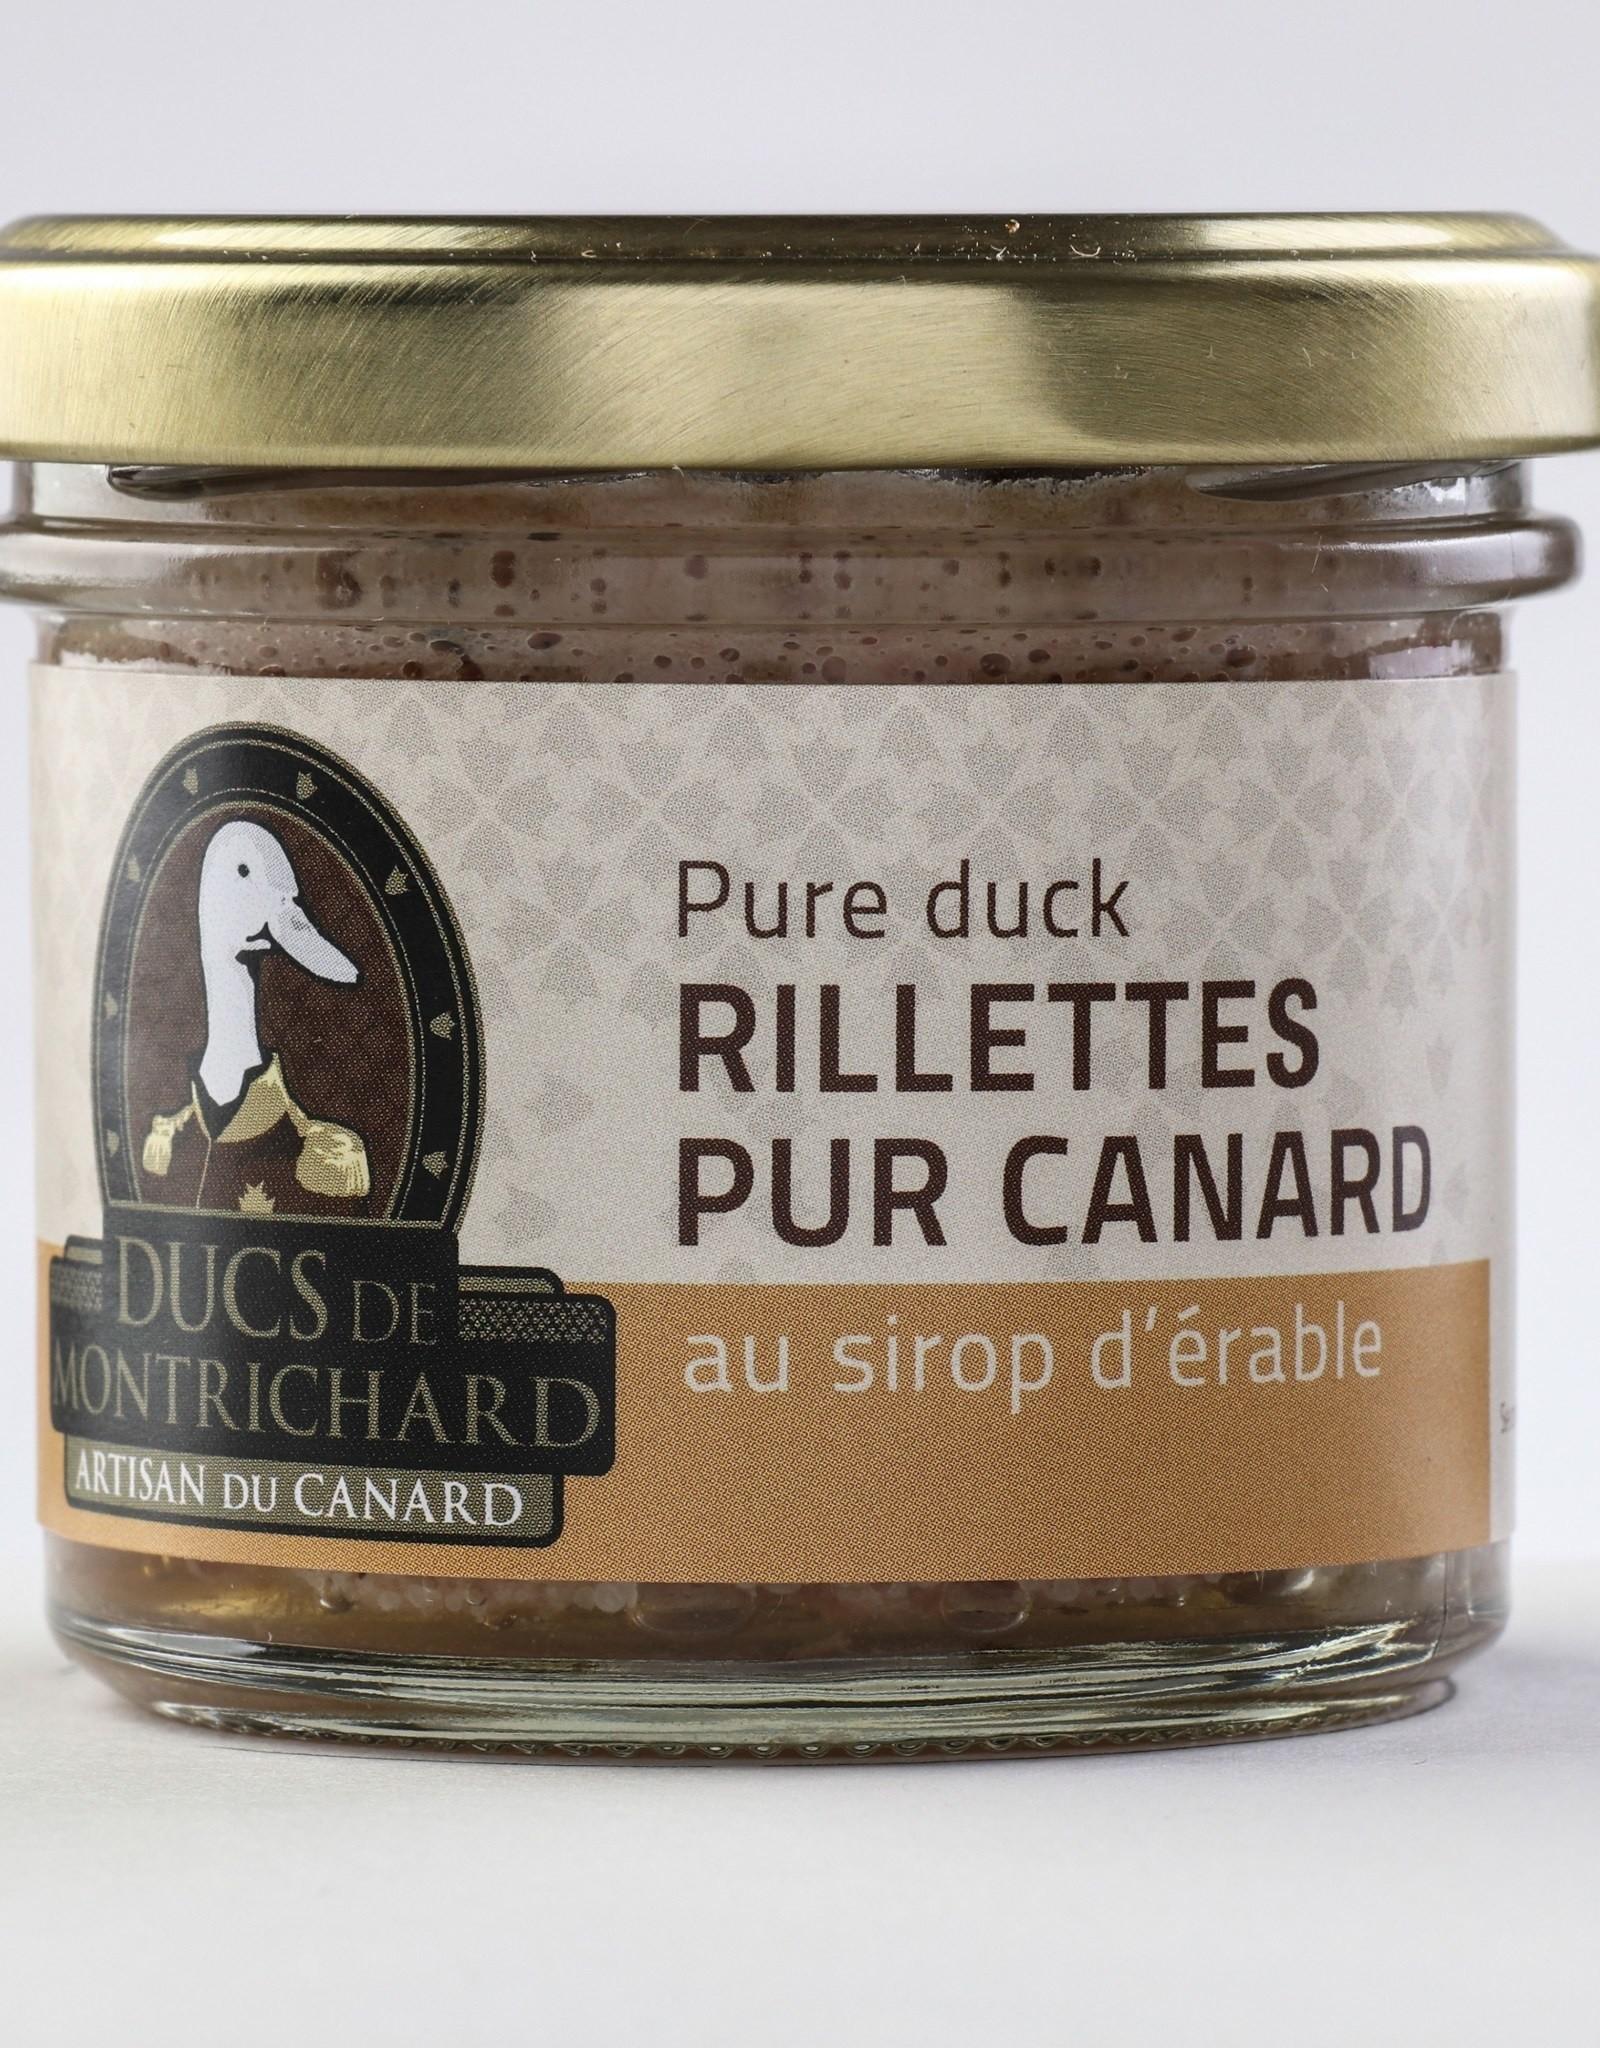 Duc de montrichard Rillettes de canard au Sirop d'érable